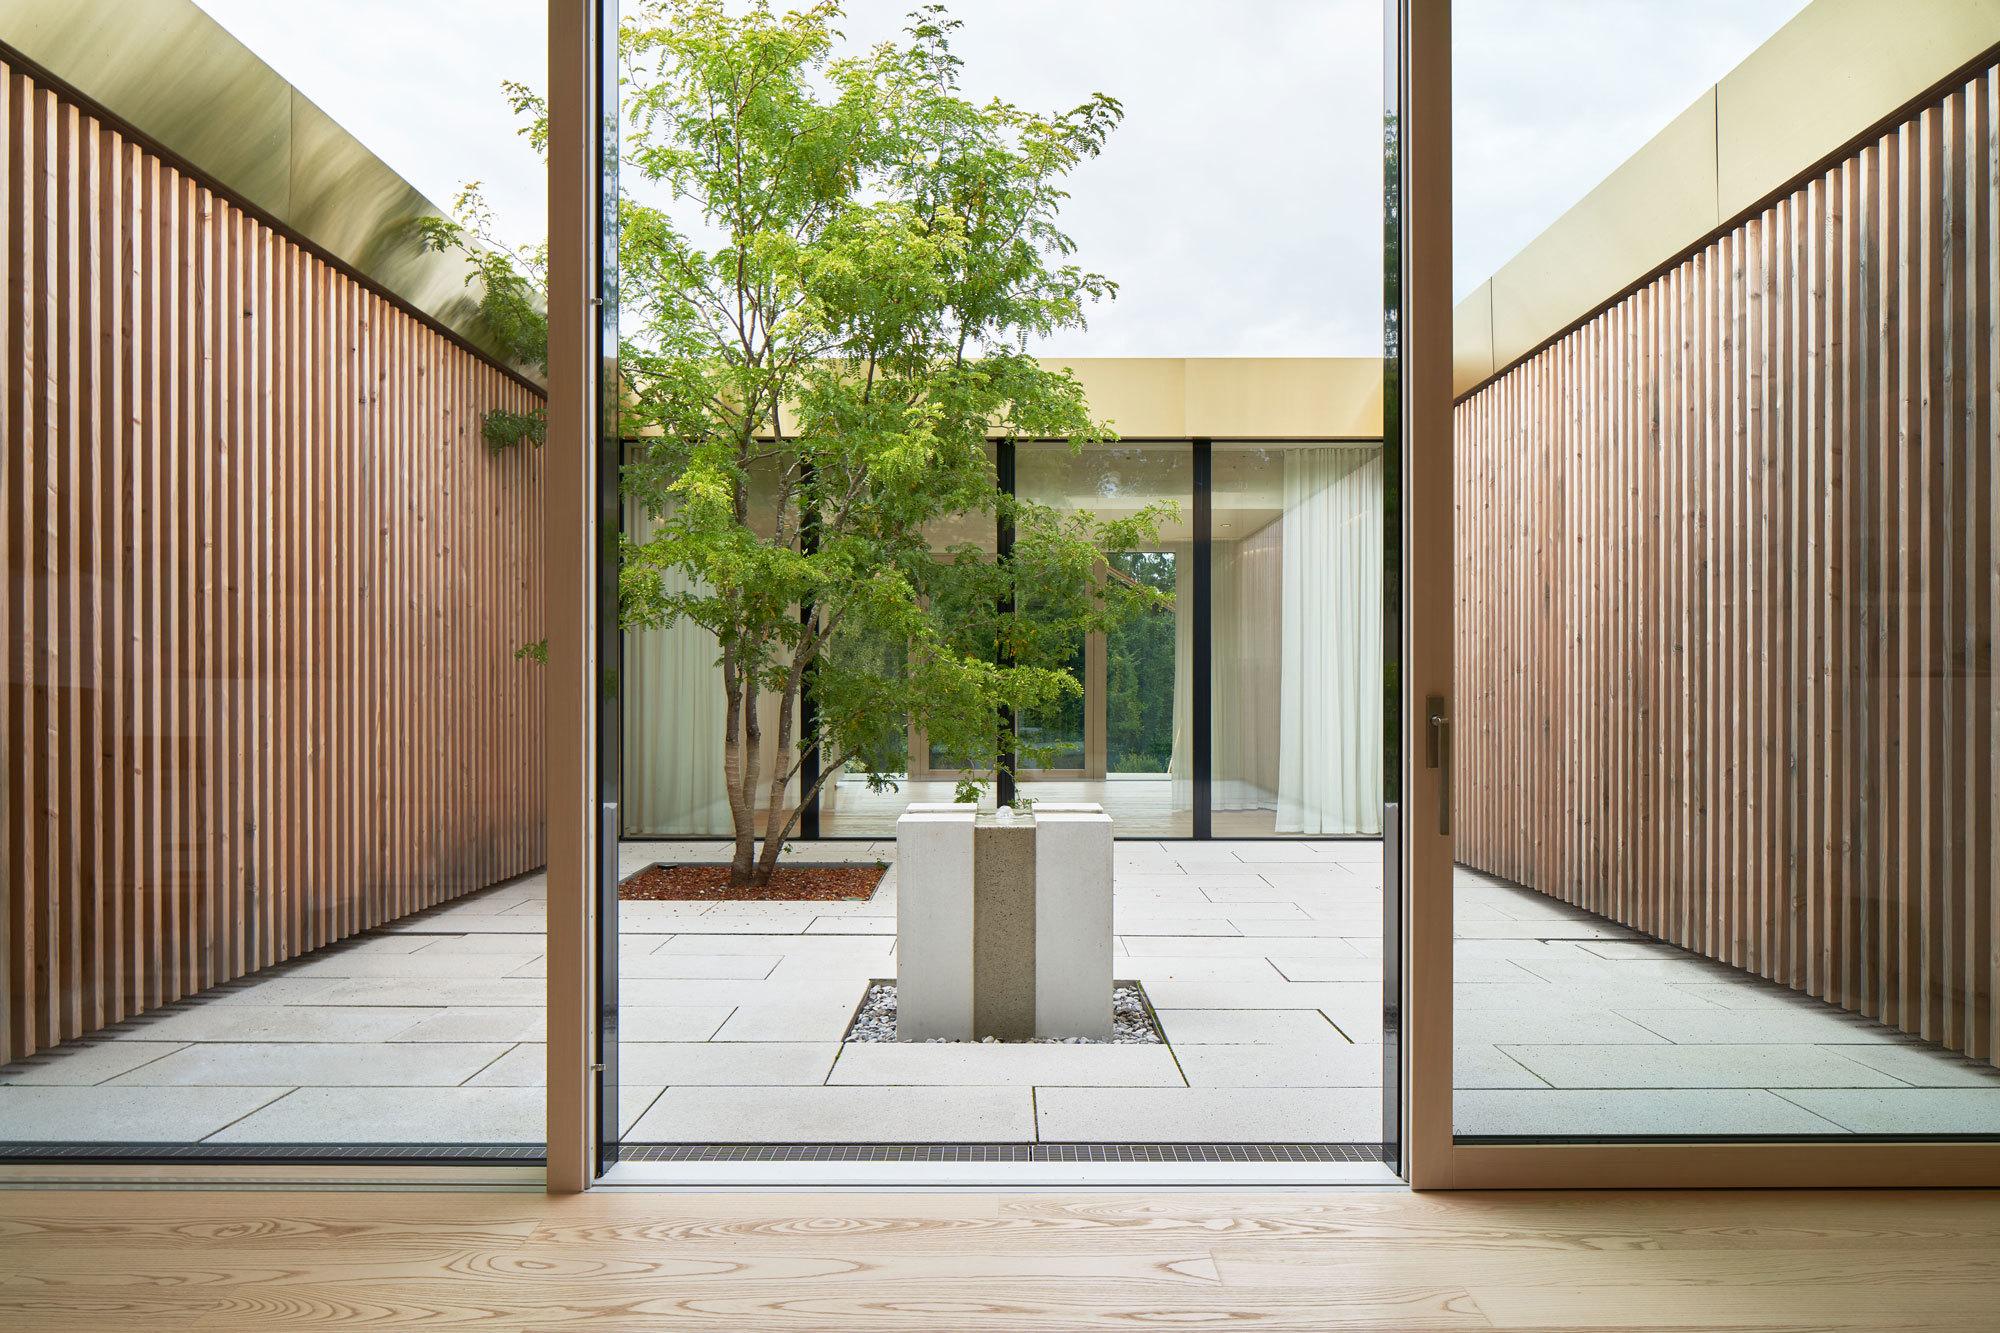 Das Jodschwefelbad des Architekten Matteo Thun in Bad Wiessee ist eine Hommage an heilende Quellen, schlichte Ästhetik und lokale Holzbautraditionen.